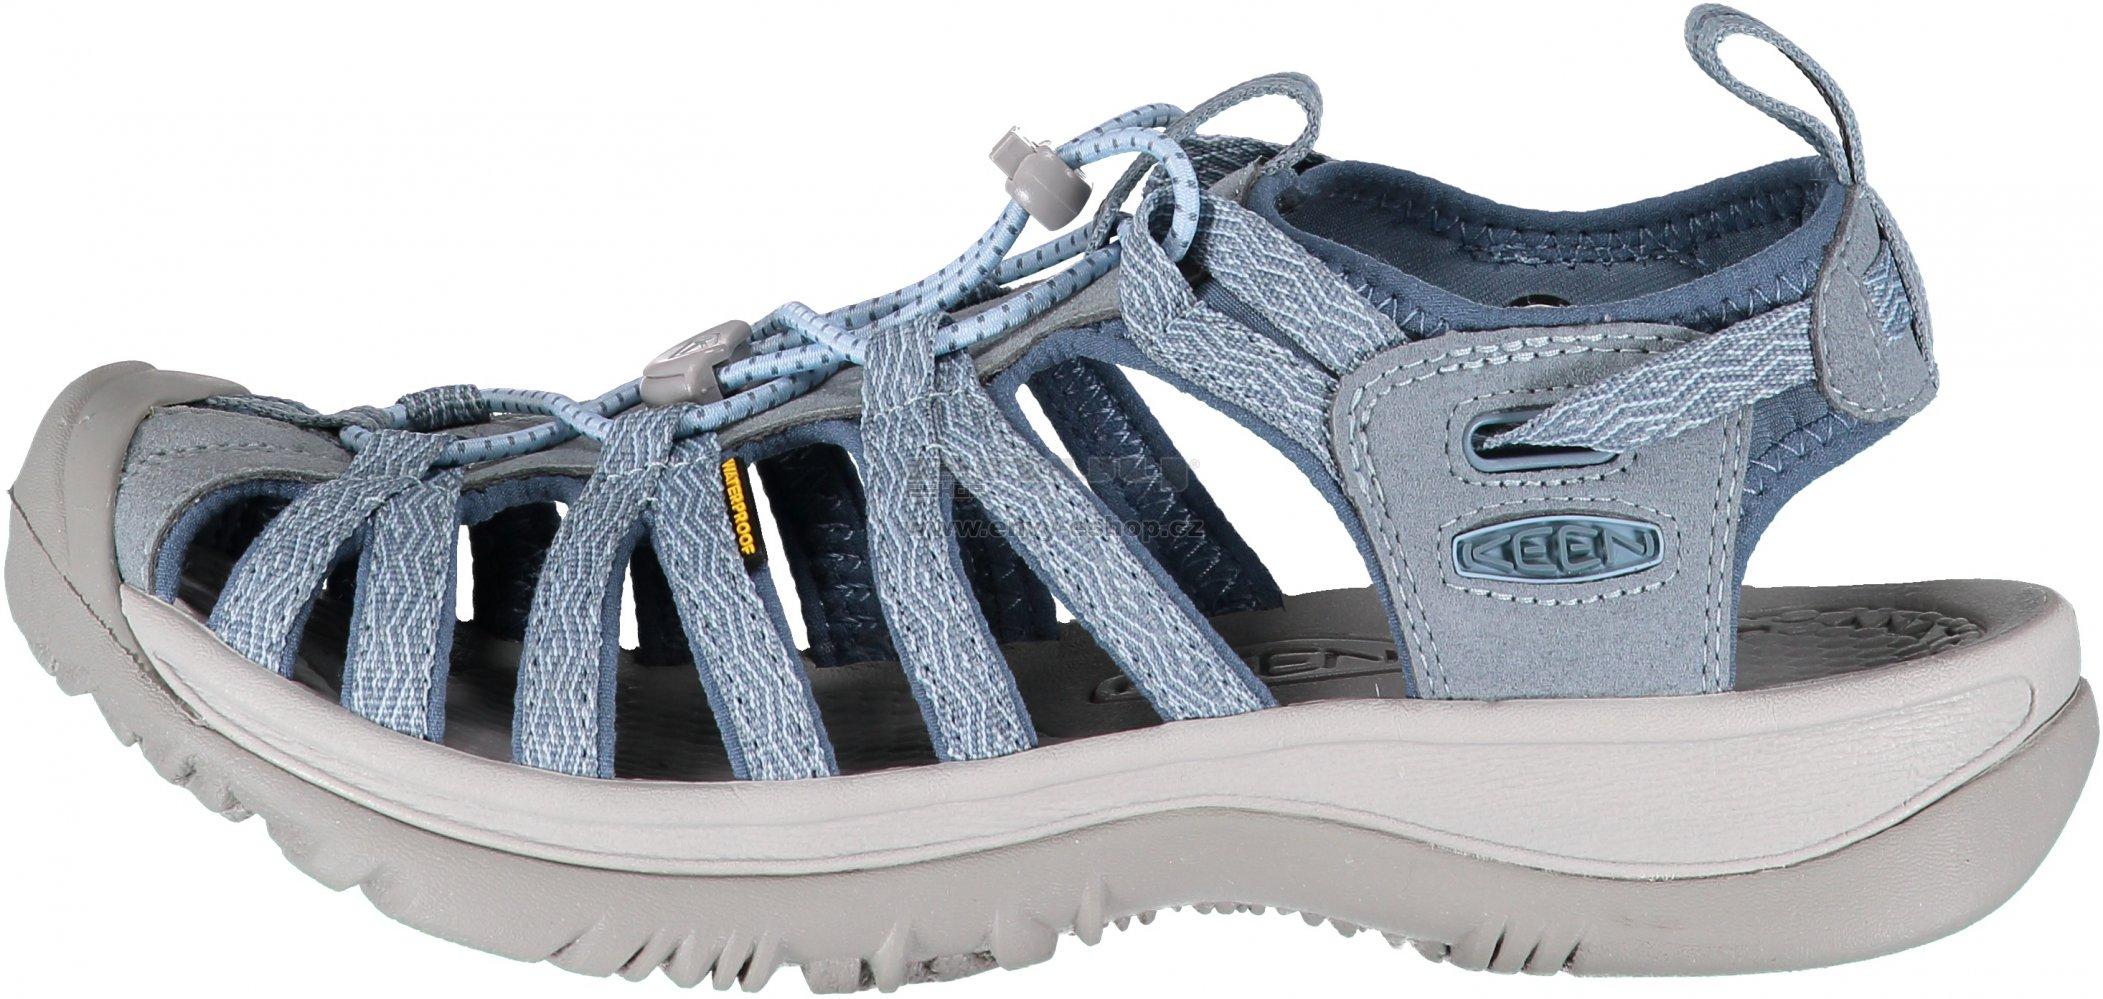 4e6fe27695a8 Dámské sandály KEEN WHISPER W CITADEL BLUE MIRAGE velikost  EU 37 ...